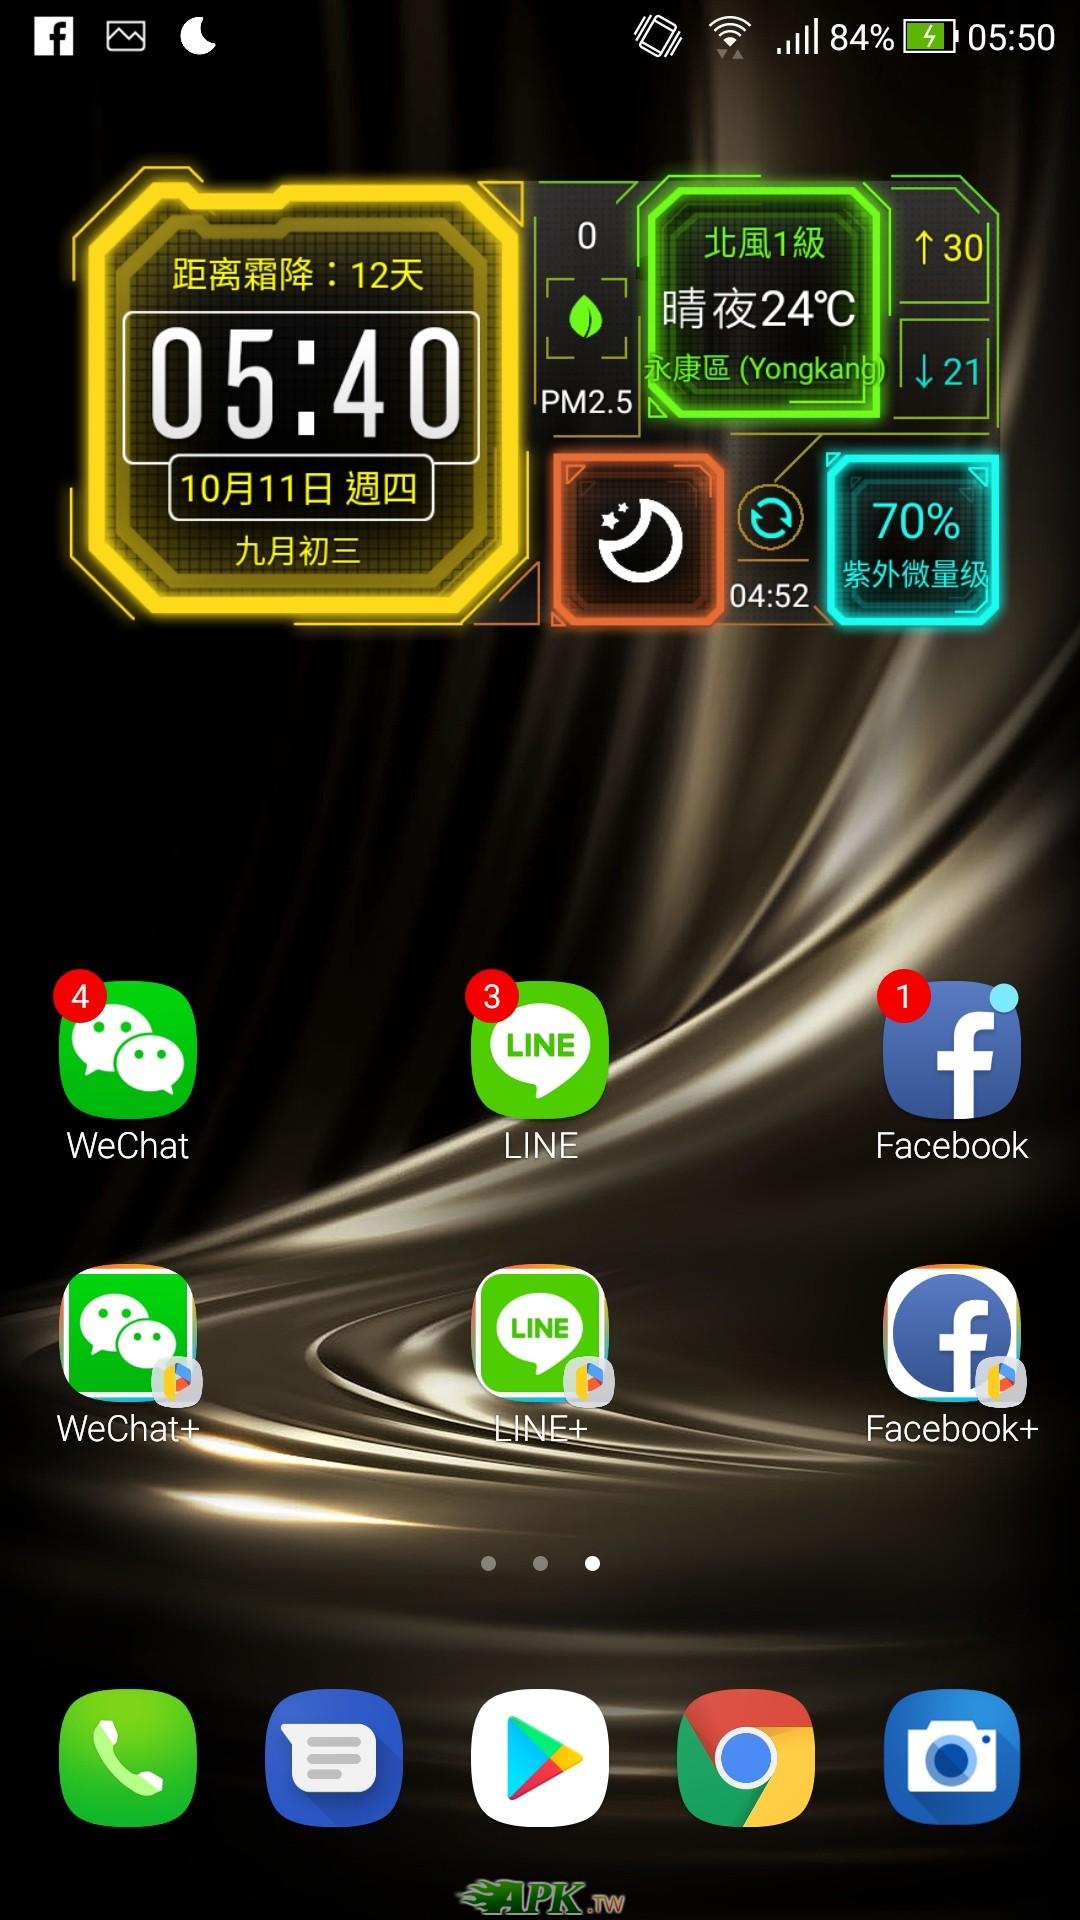 Screenshot_20181011-055009.jpg